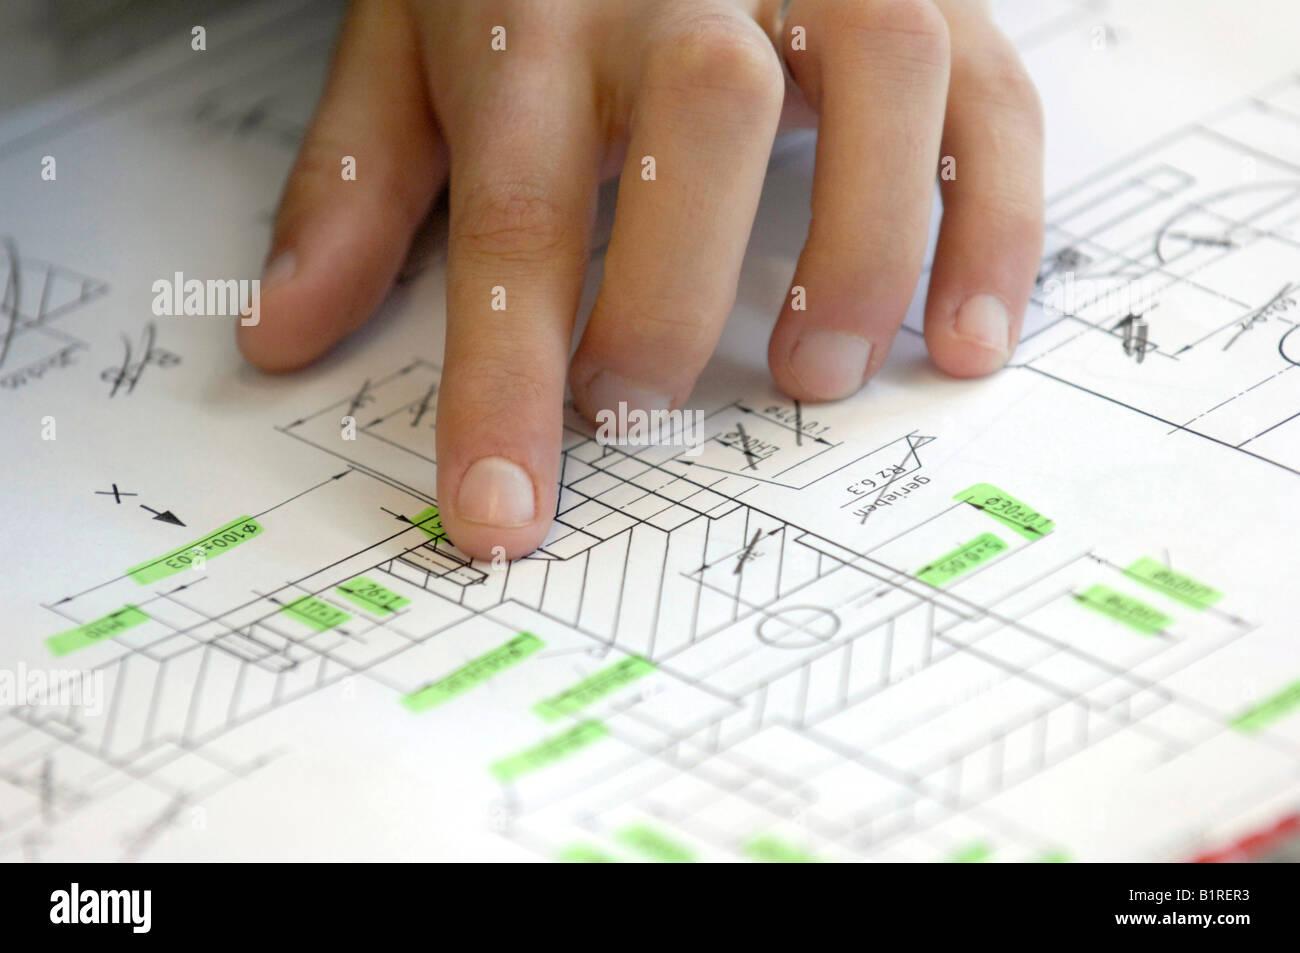 Zeichnerin mit der Hand auf einen Bauplan, Baupläne, Layout, Heidenheim, Baden-Württemberg, Deutschland, Stockbild